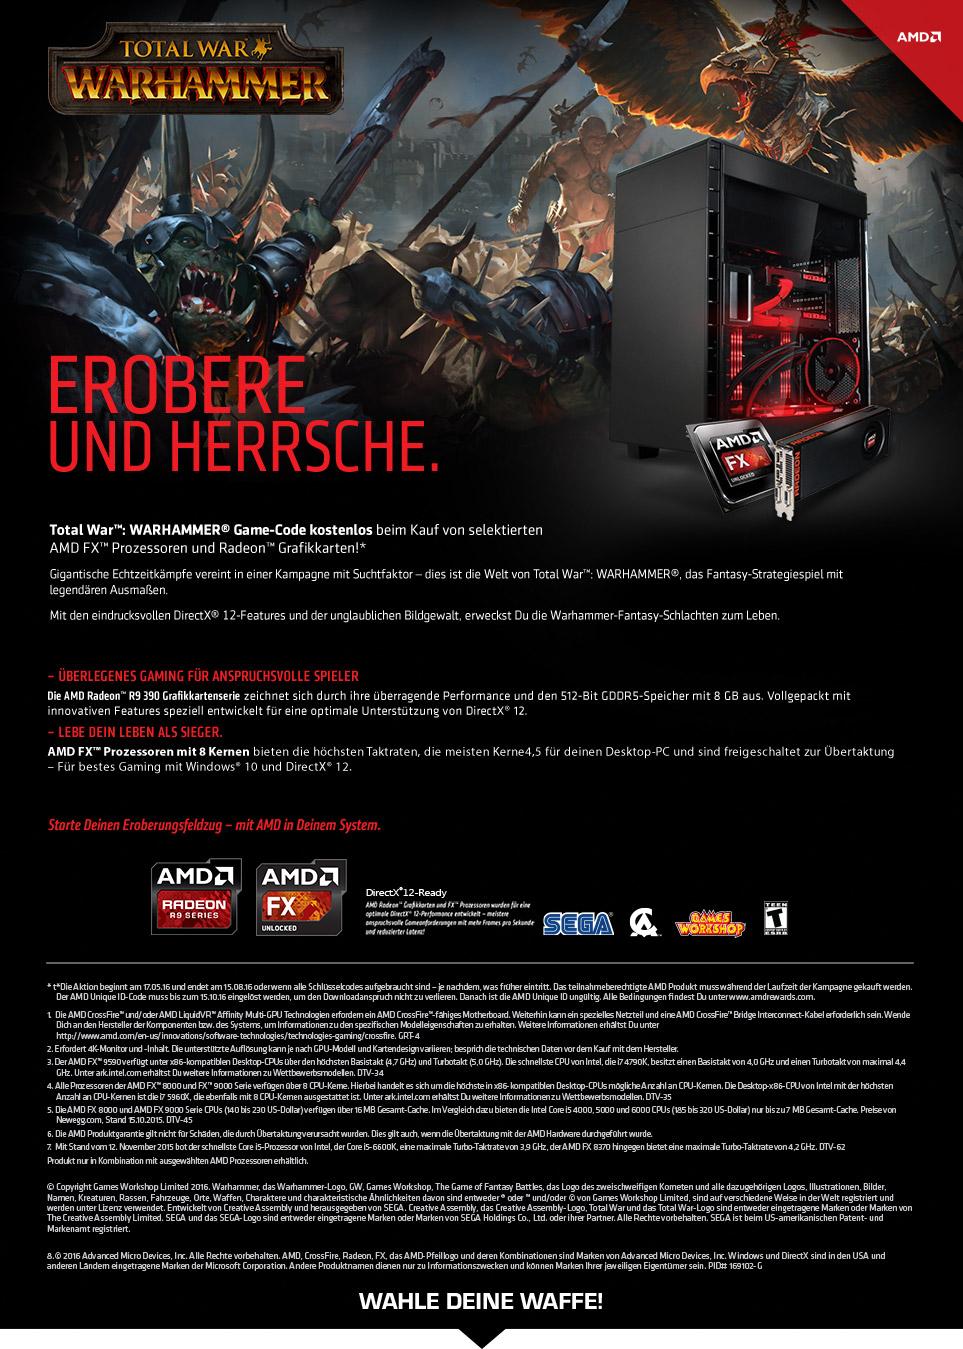 Gaming PCs mit AMD Warhammer Bundle